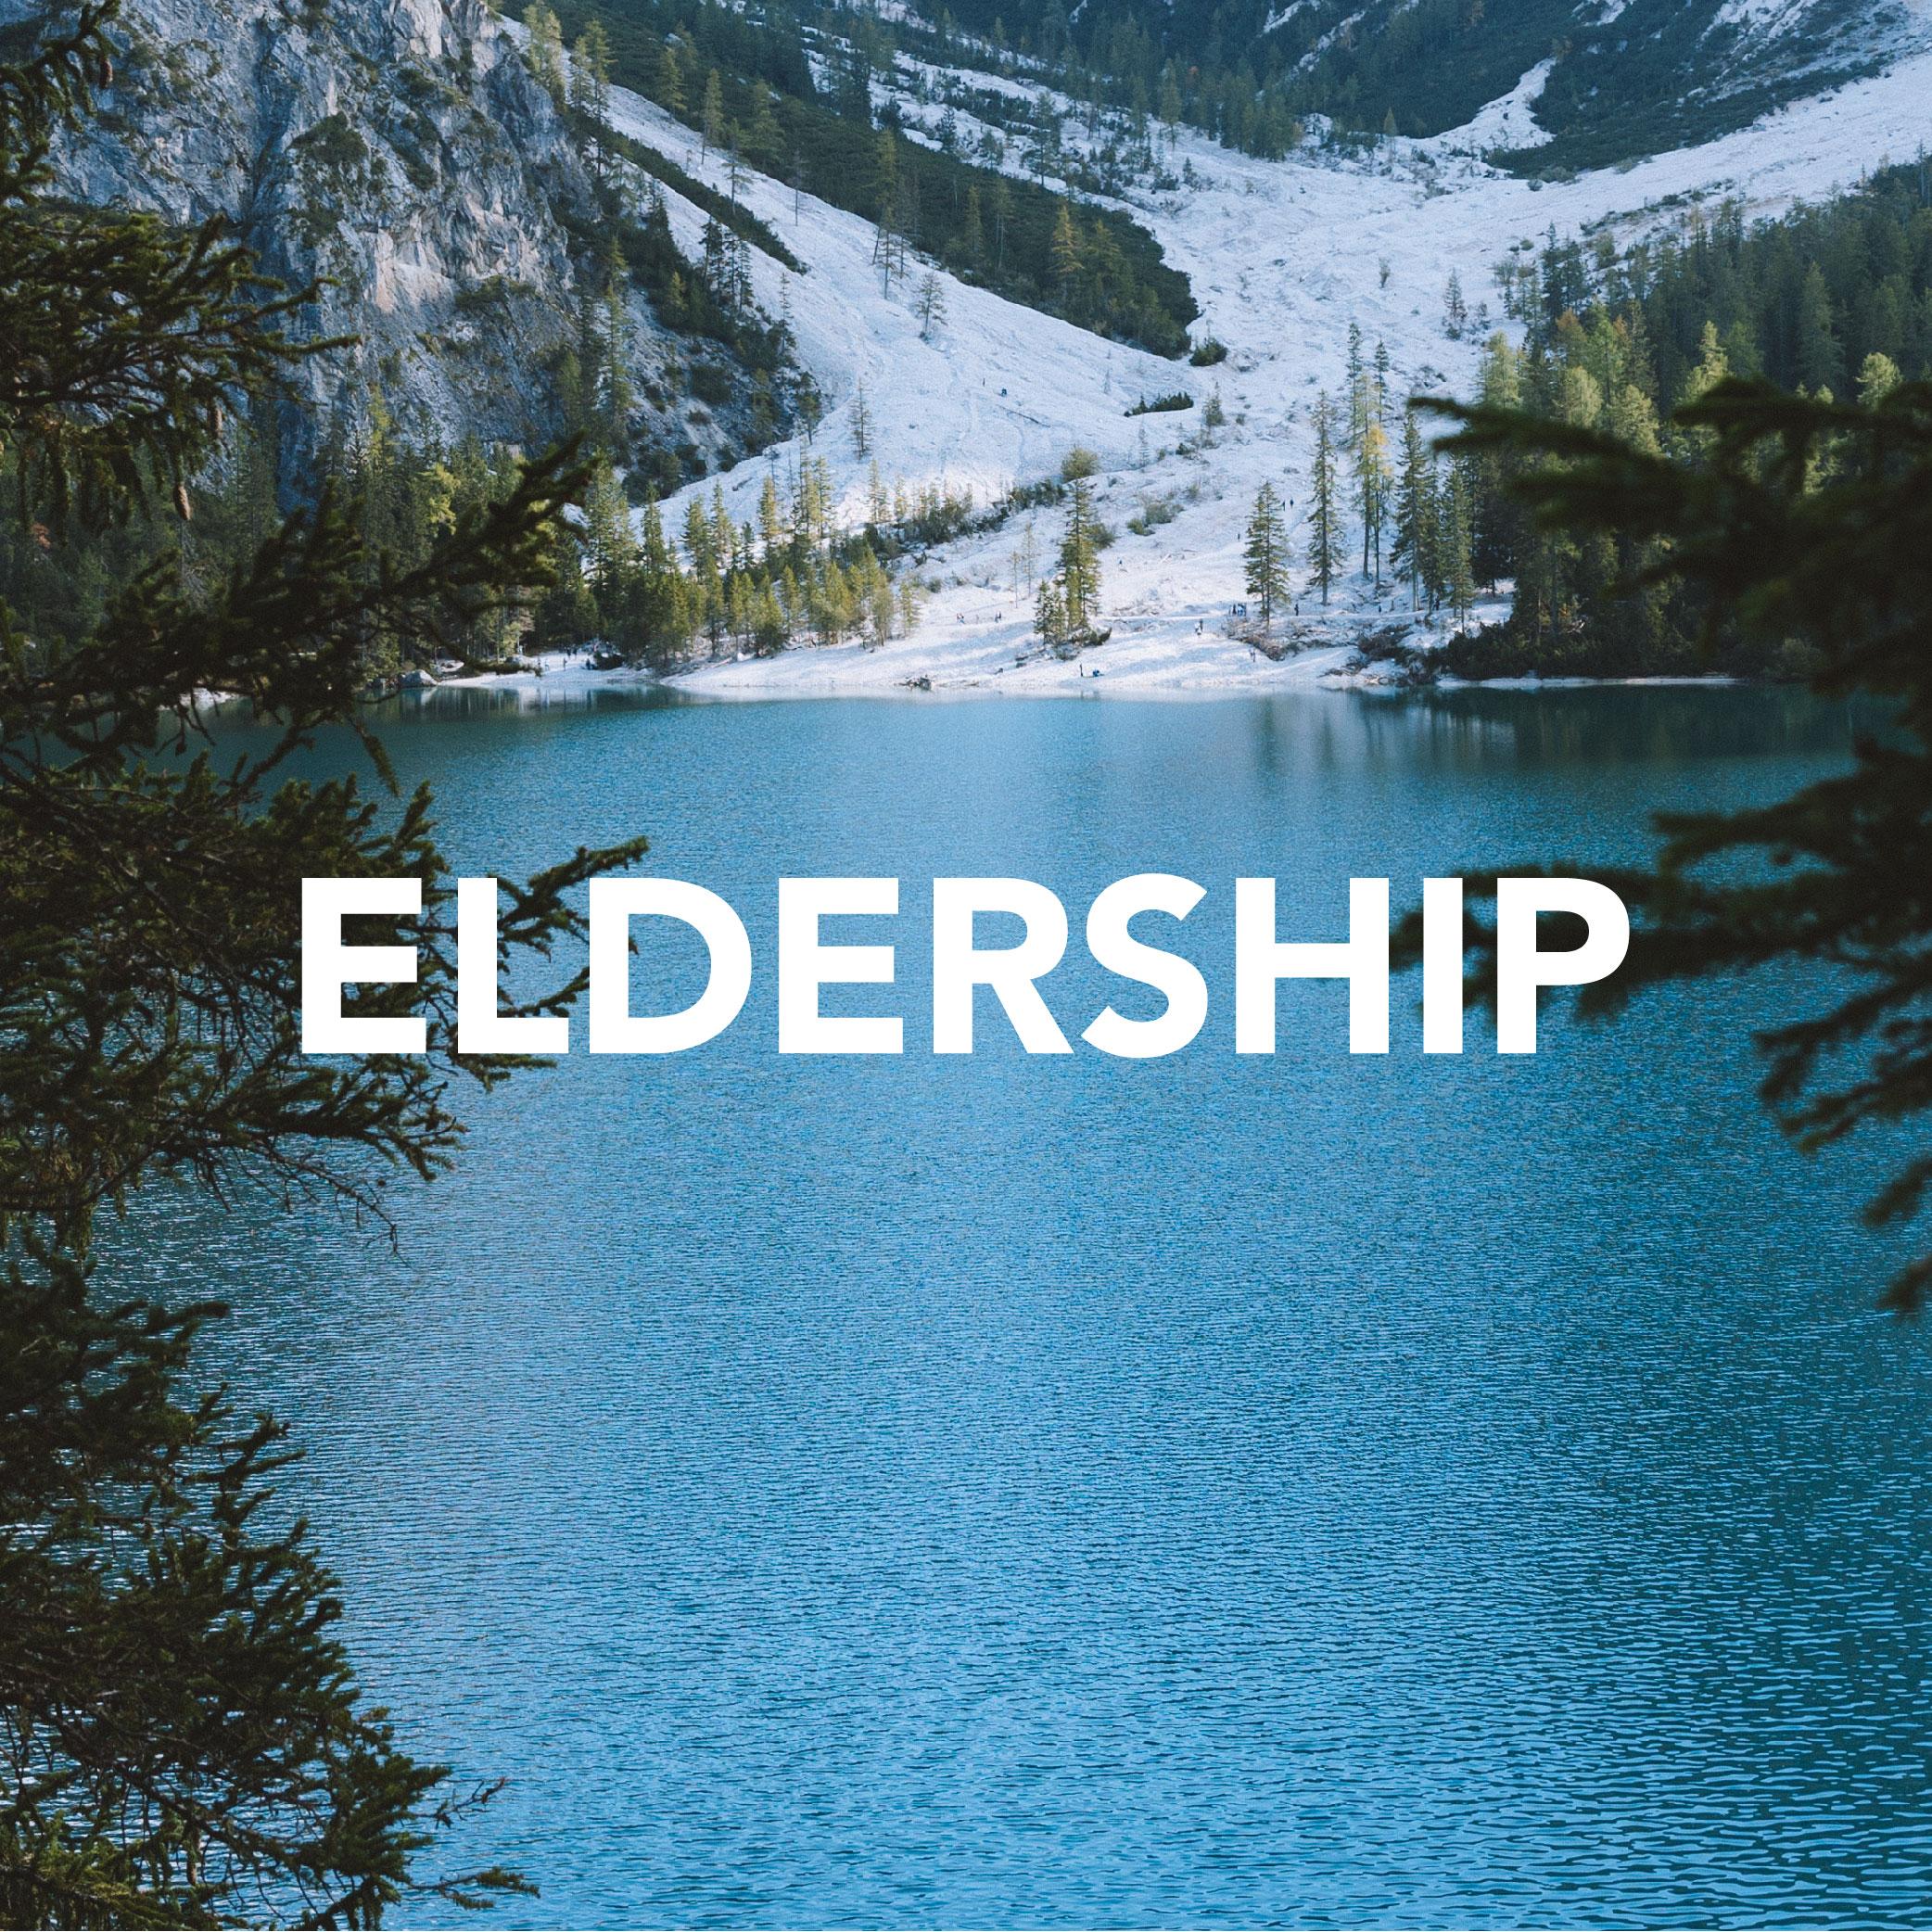 ELDERSHIP-01.jpg